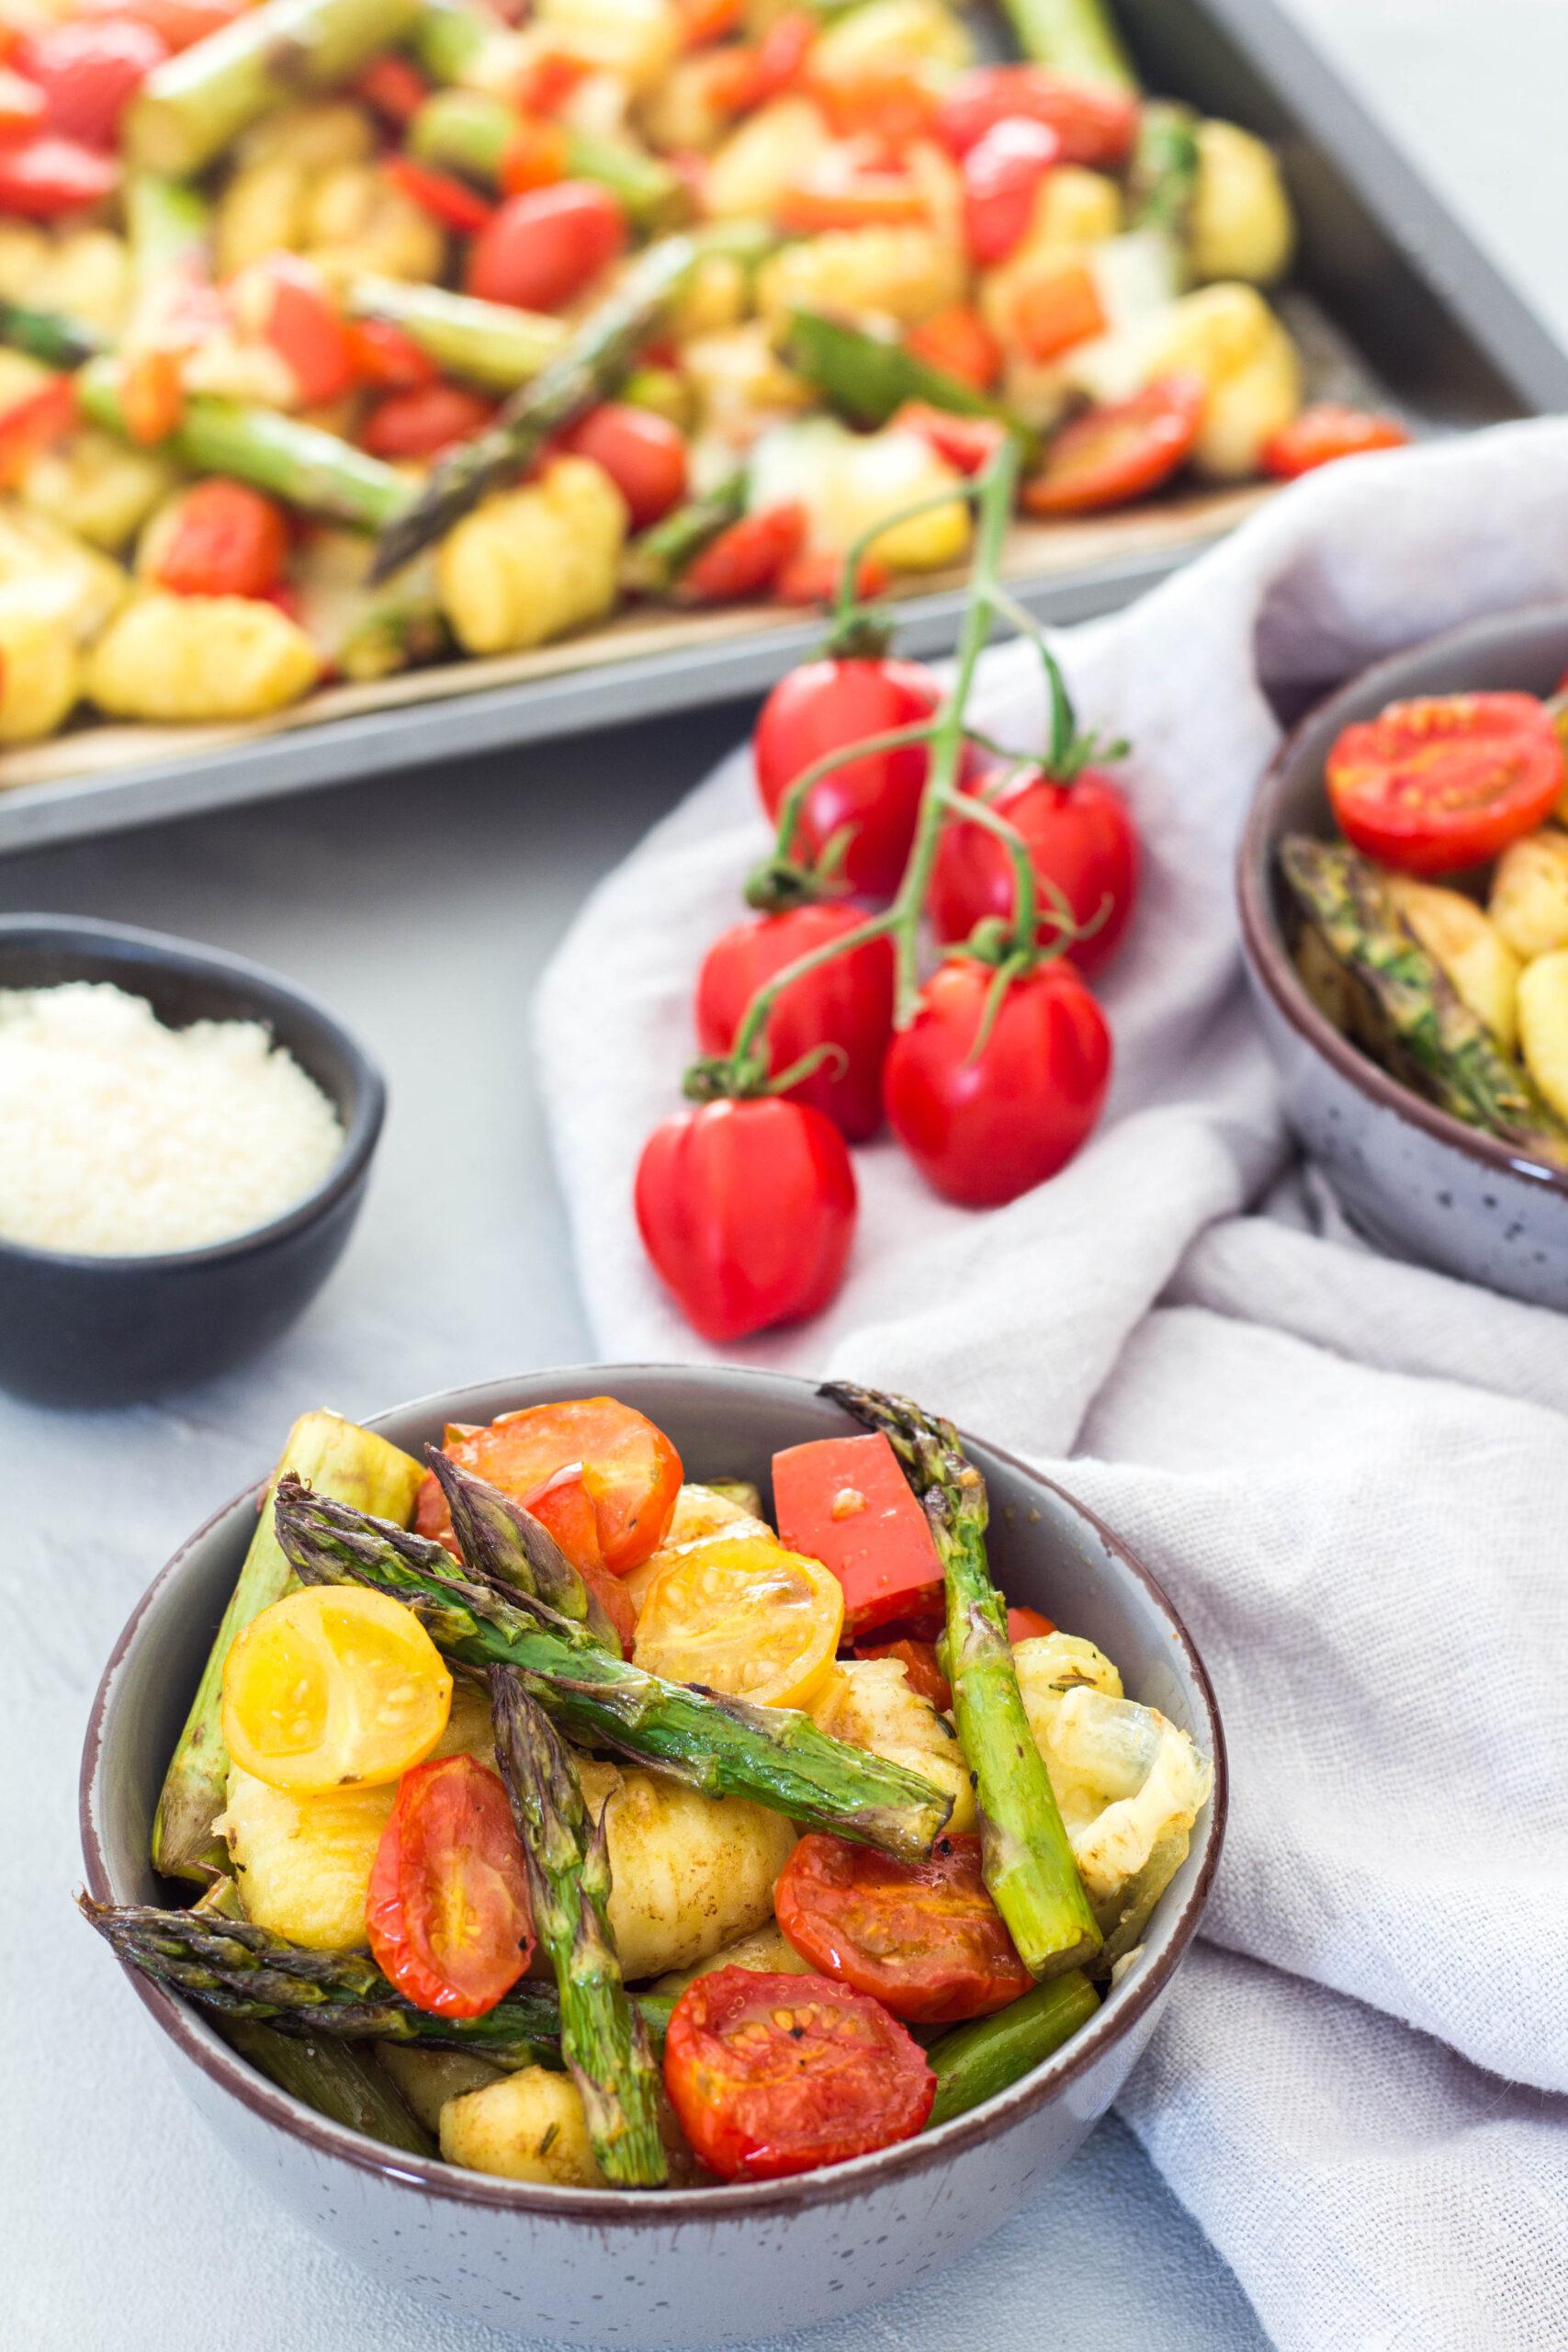 Gesundes Familienessen - Grüner Spargel, Gnocchi, Tomaten, Paprika und Mozzarella.